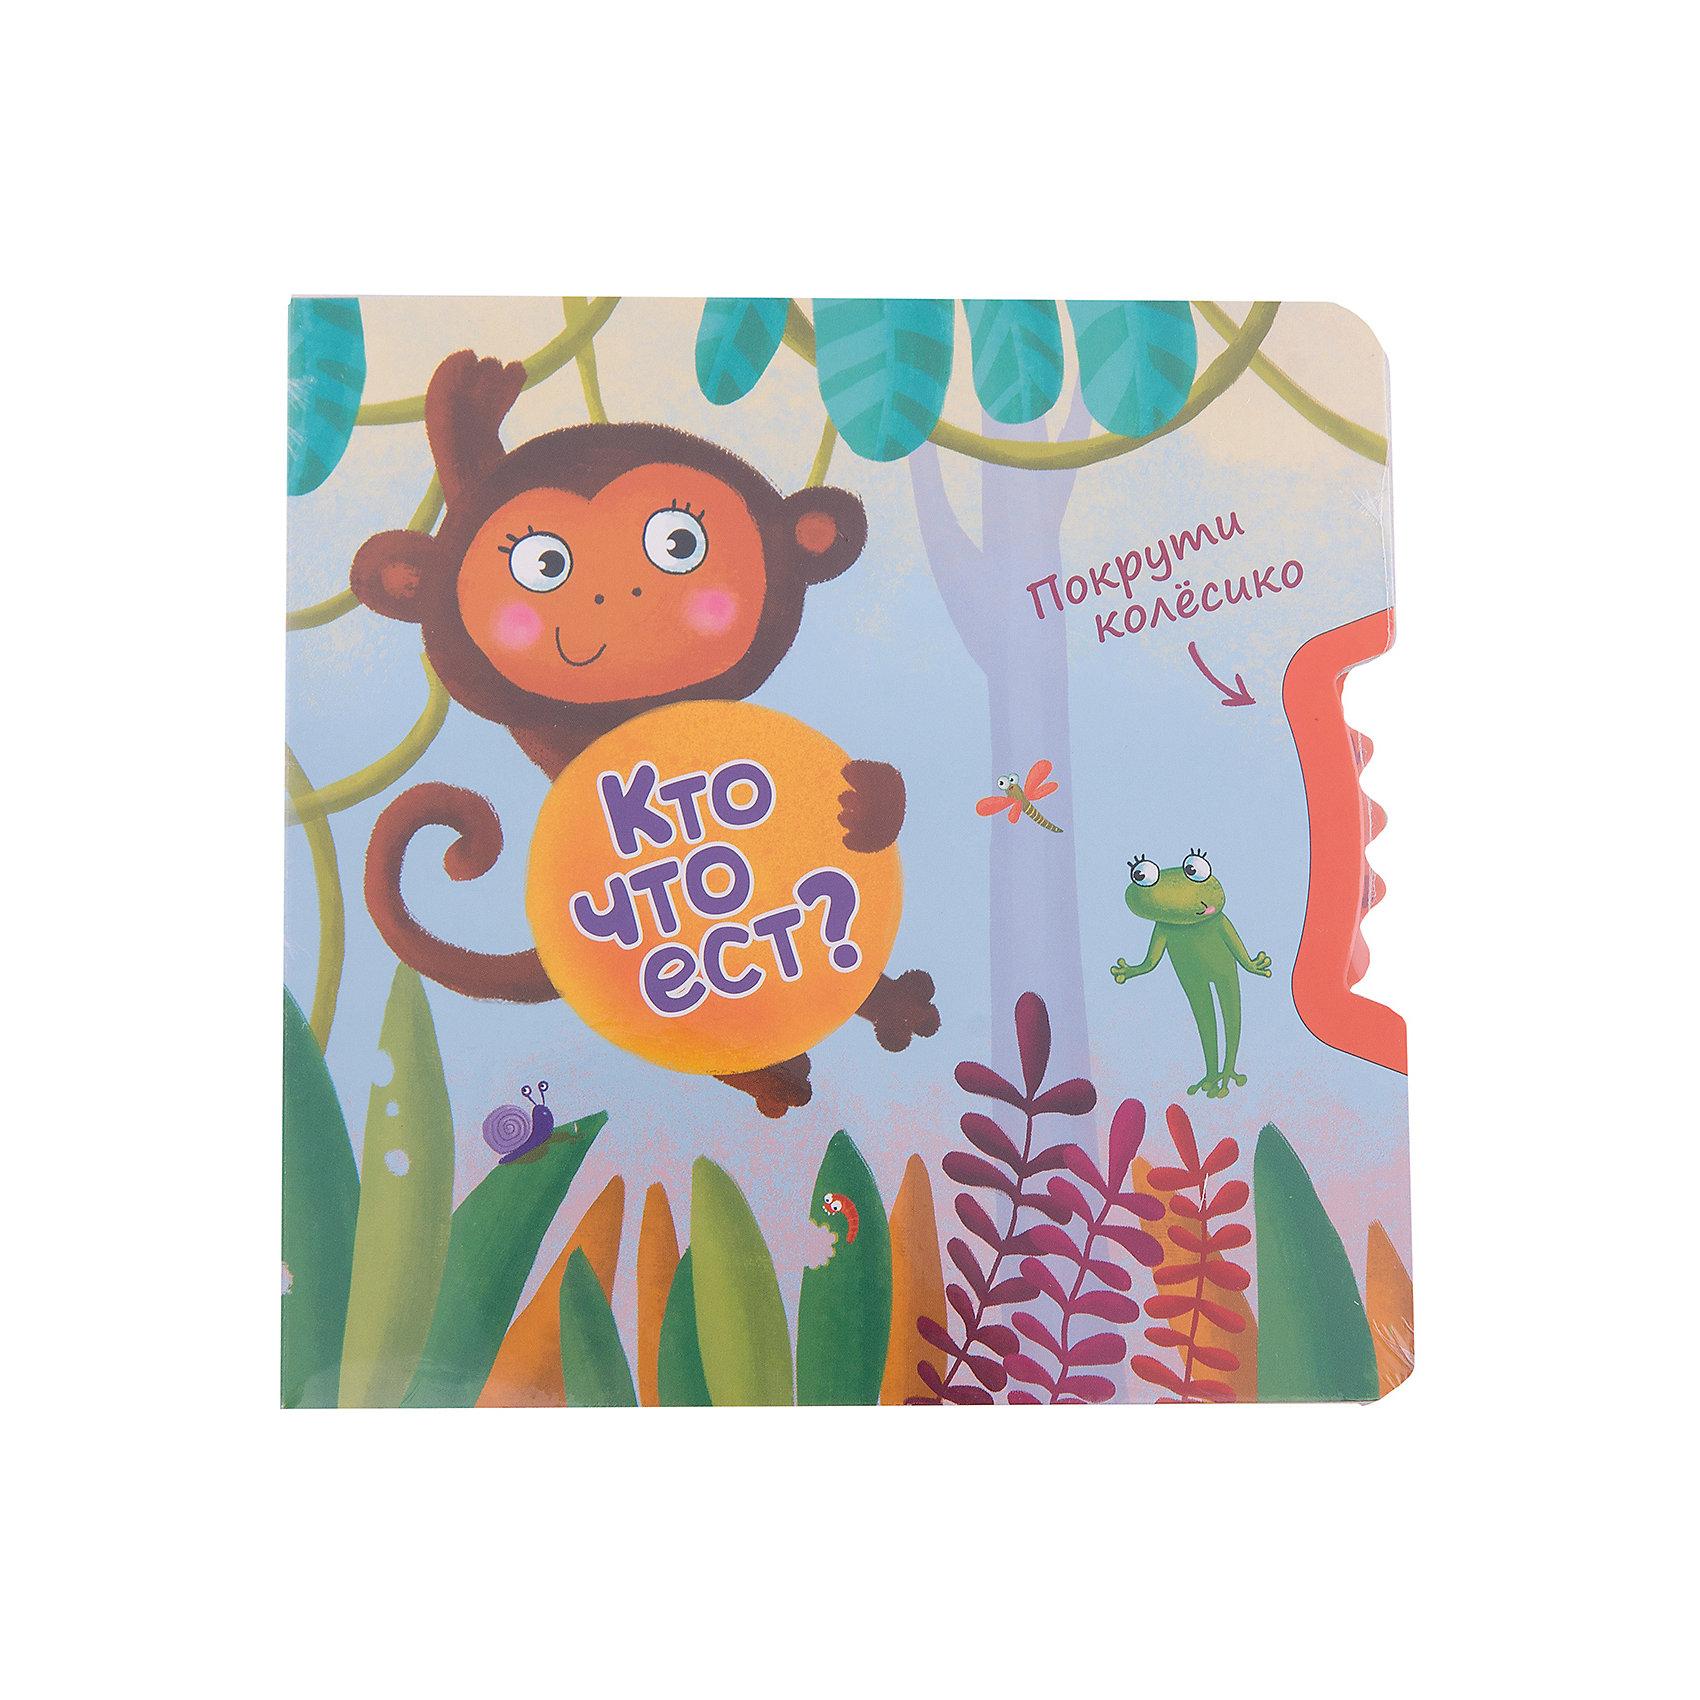 Покрути колёсико: Кто что ест?Первые книги малыша<br>Что у белки на обед? Покрутите колесико и узнайте ответ!<br>Яркая книжка-игрушка «Кто что ест?» серии «Покрути колесико» познакомит маленького читателя с очаровательными животными, расскажет об их любимых лакомствах. <br>Прочитайте малышу веселые и добрые стихи, а затем покрутите колесико так, чтобы каждое животное получило свое любимое блюдо: обезьянка - бананы, попугайчик – зернышки и так далее.<br>Красочную книжку из легкого, но плотного картона удобно держать и листать маленькими ручками, она подарит много радости Вашему малышу и обязательно станет любимой.<br><br>Ширина мм: 9<br>Глубина мм: 180<br>Высота мм: 180<br>Вес г: 152<br>Возраст от месяцев: 24<br>Возраст до месяцев: 48<br>Пол: Унисекс<br>Возраст: Детский<br>SKU: 6896499